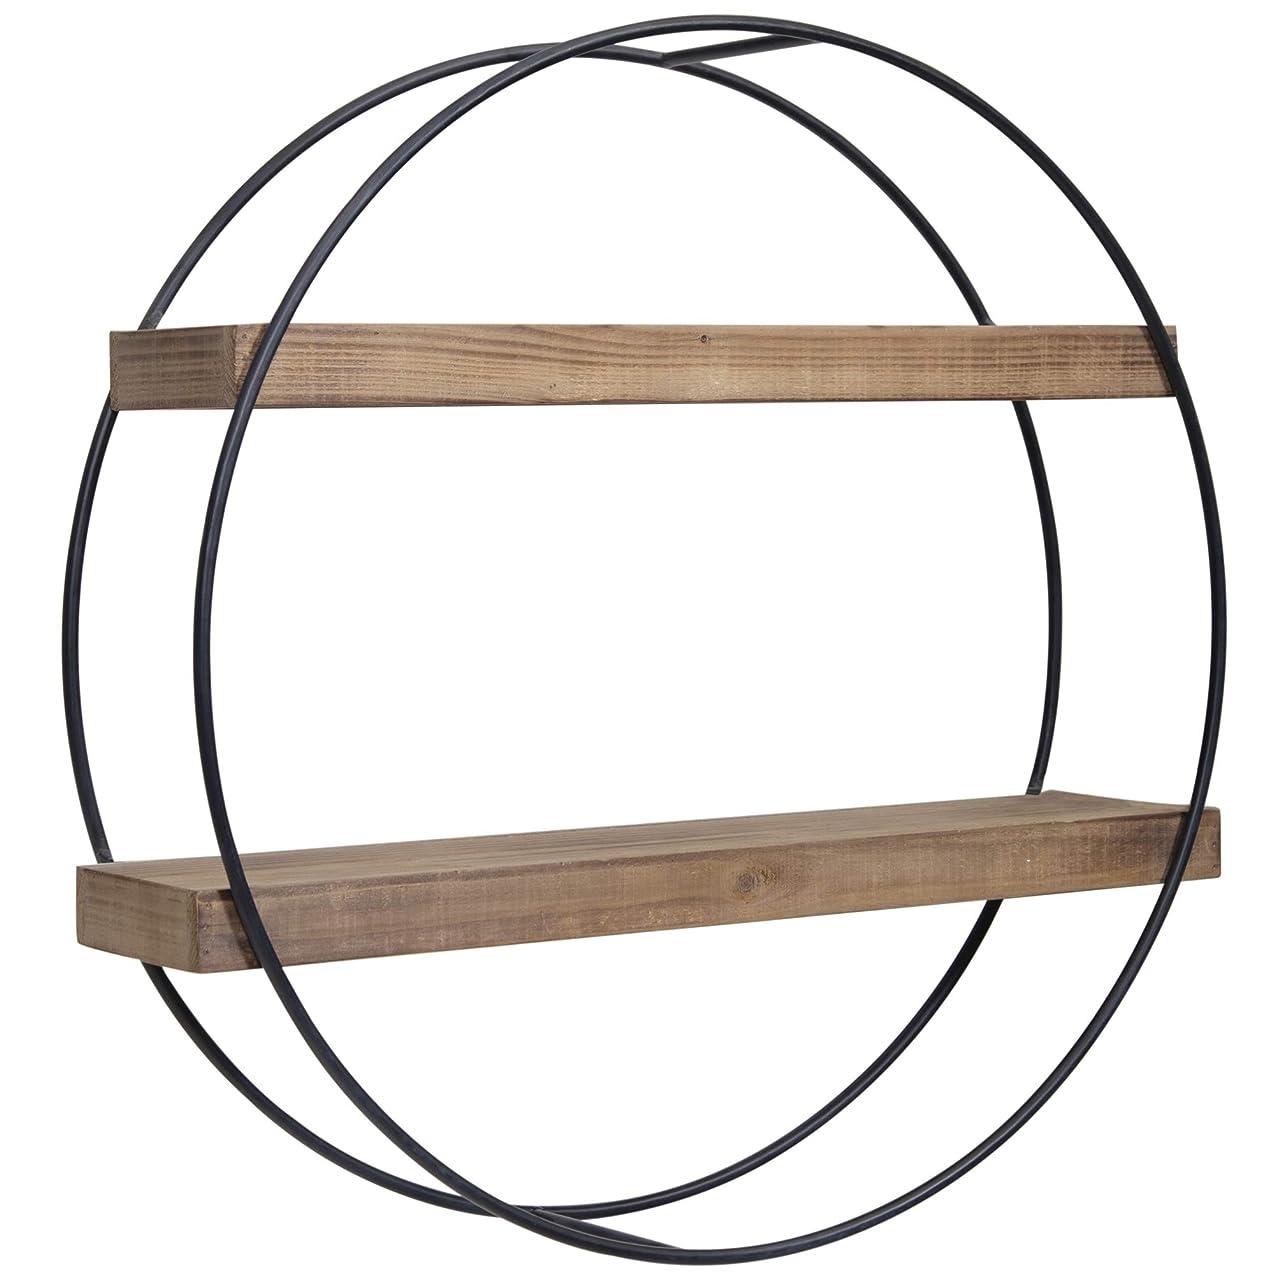 によるとアリススペクトラムEverly Hart Collection インダストリアル ラウンド メタルと木製シェルフ ウォールシェルフ グレー